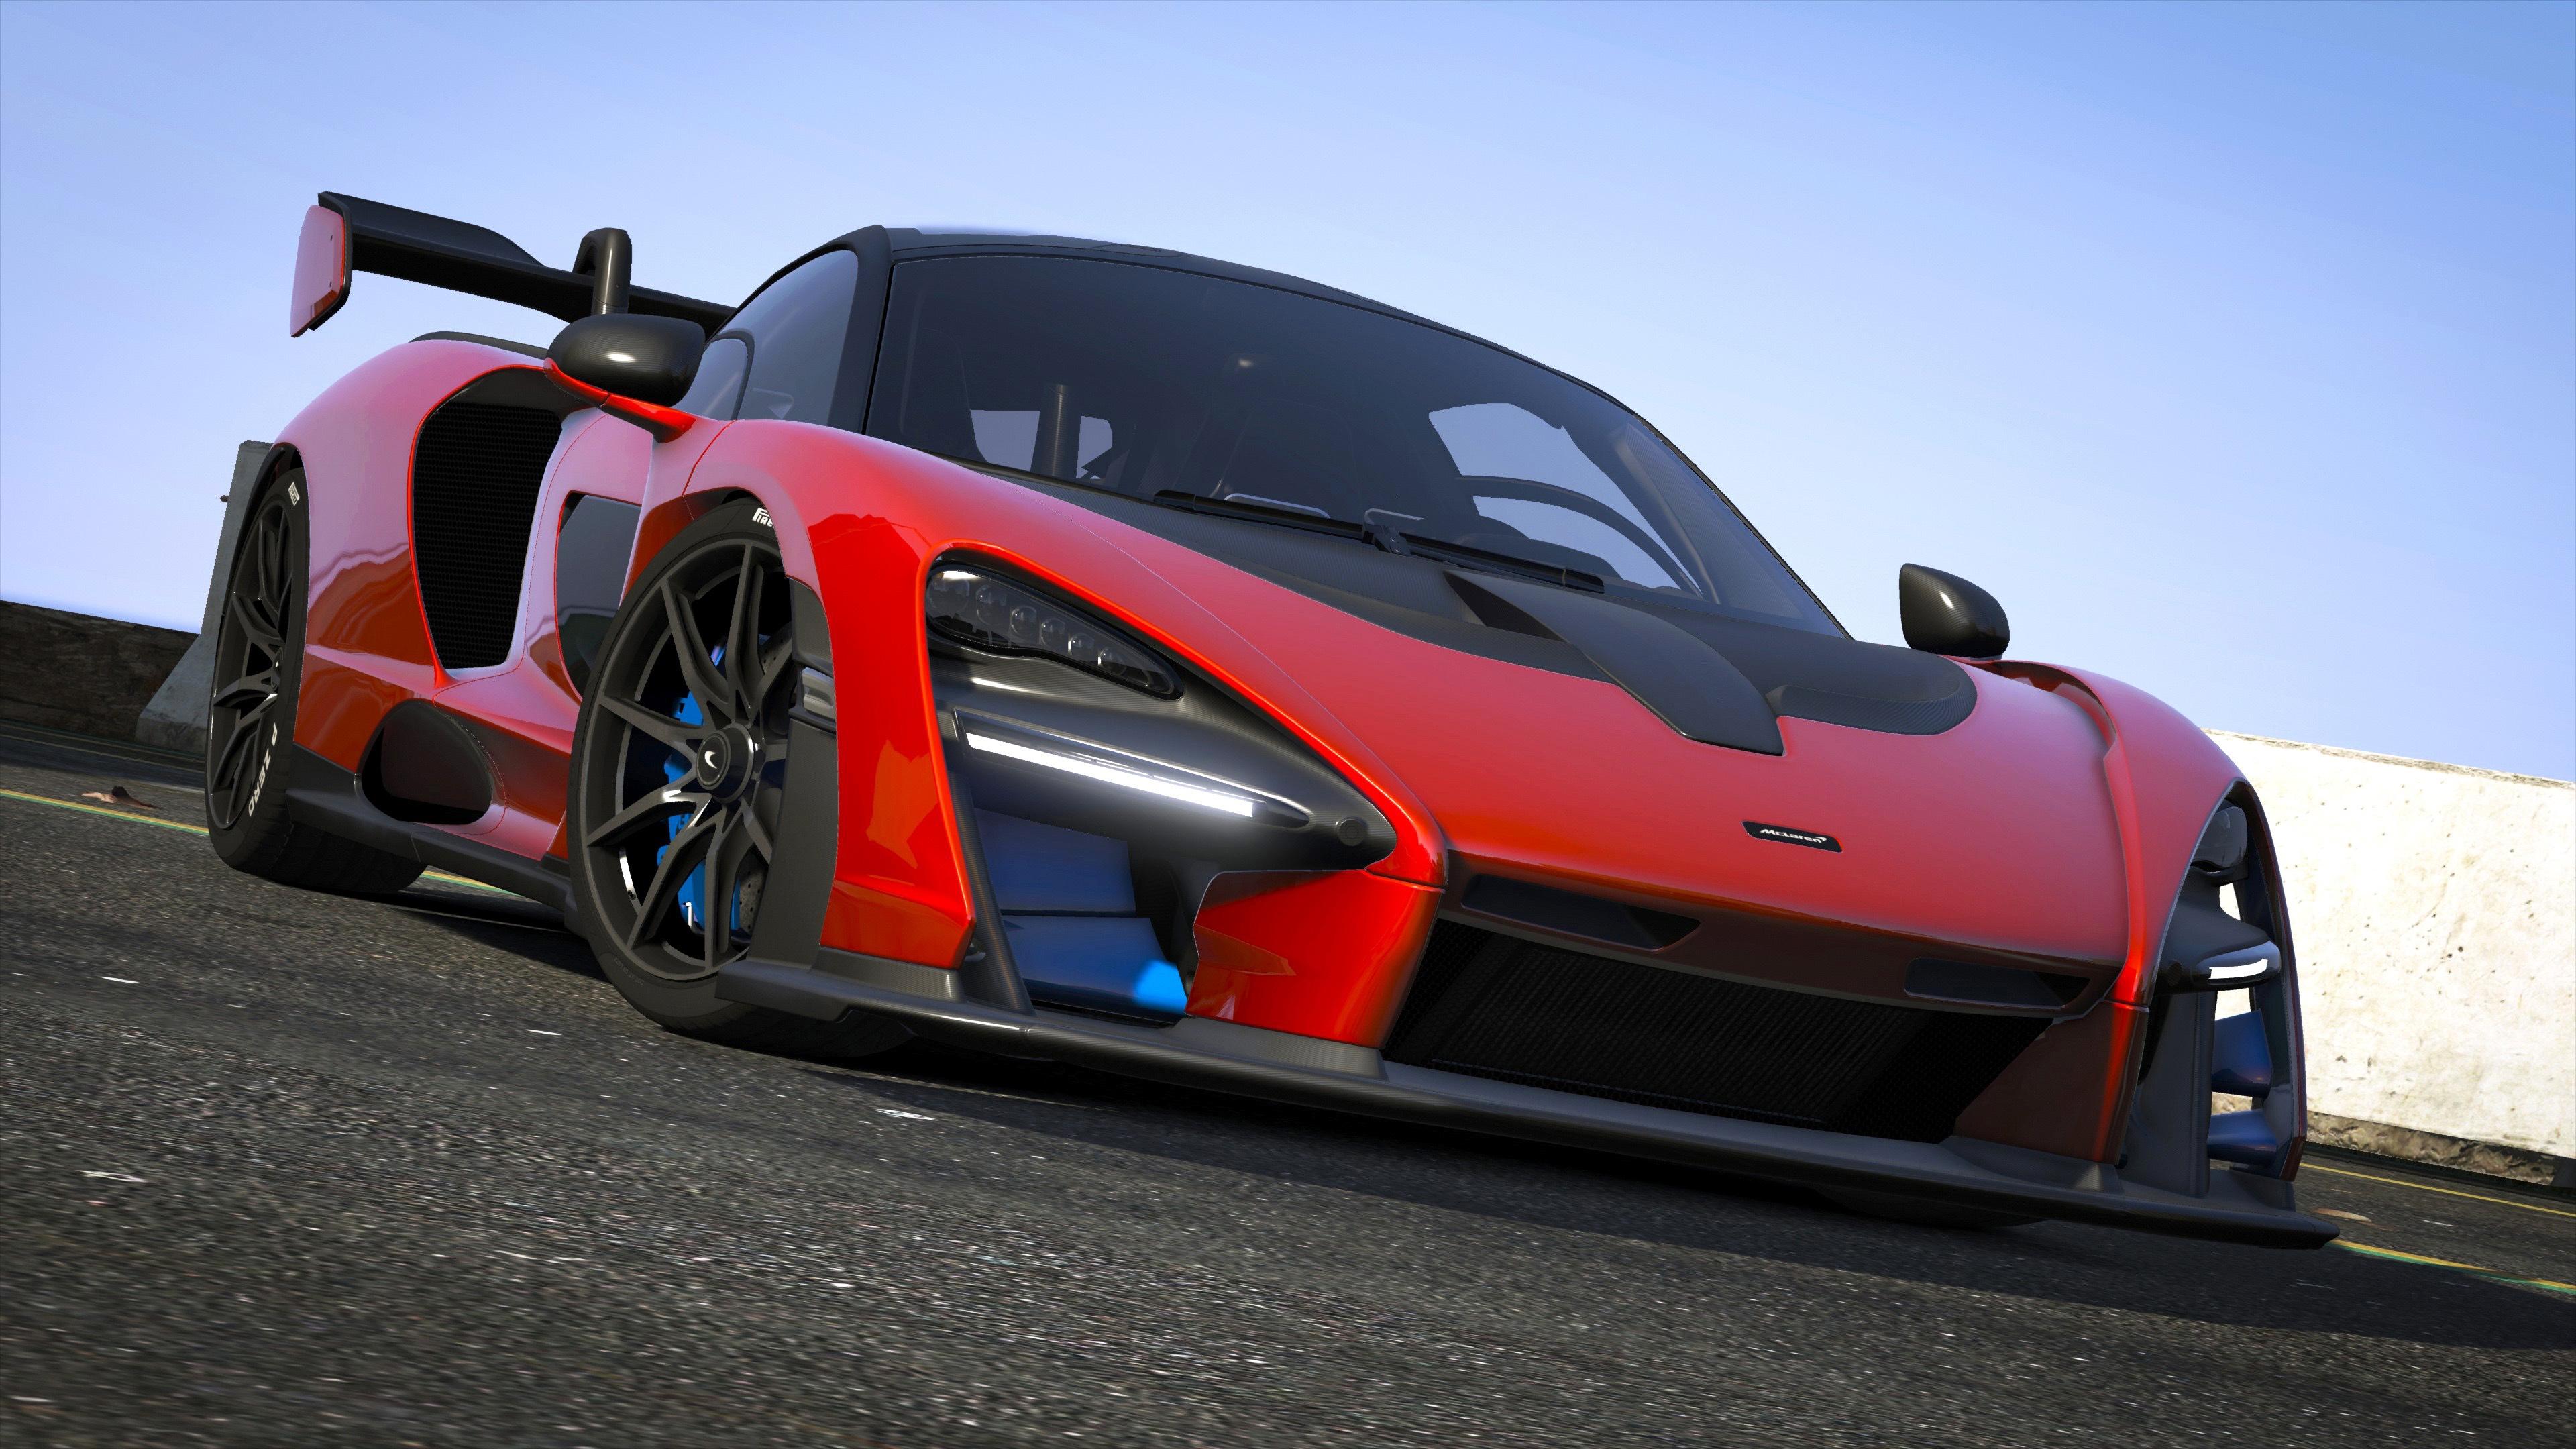 Forza Horizon 4 // 2019 McLaren Senna (najlepszy samochód w grze) za darmo - za granie w demo!